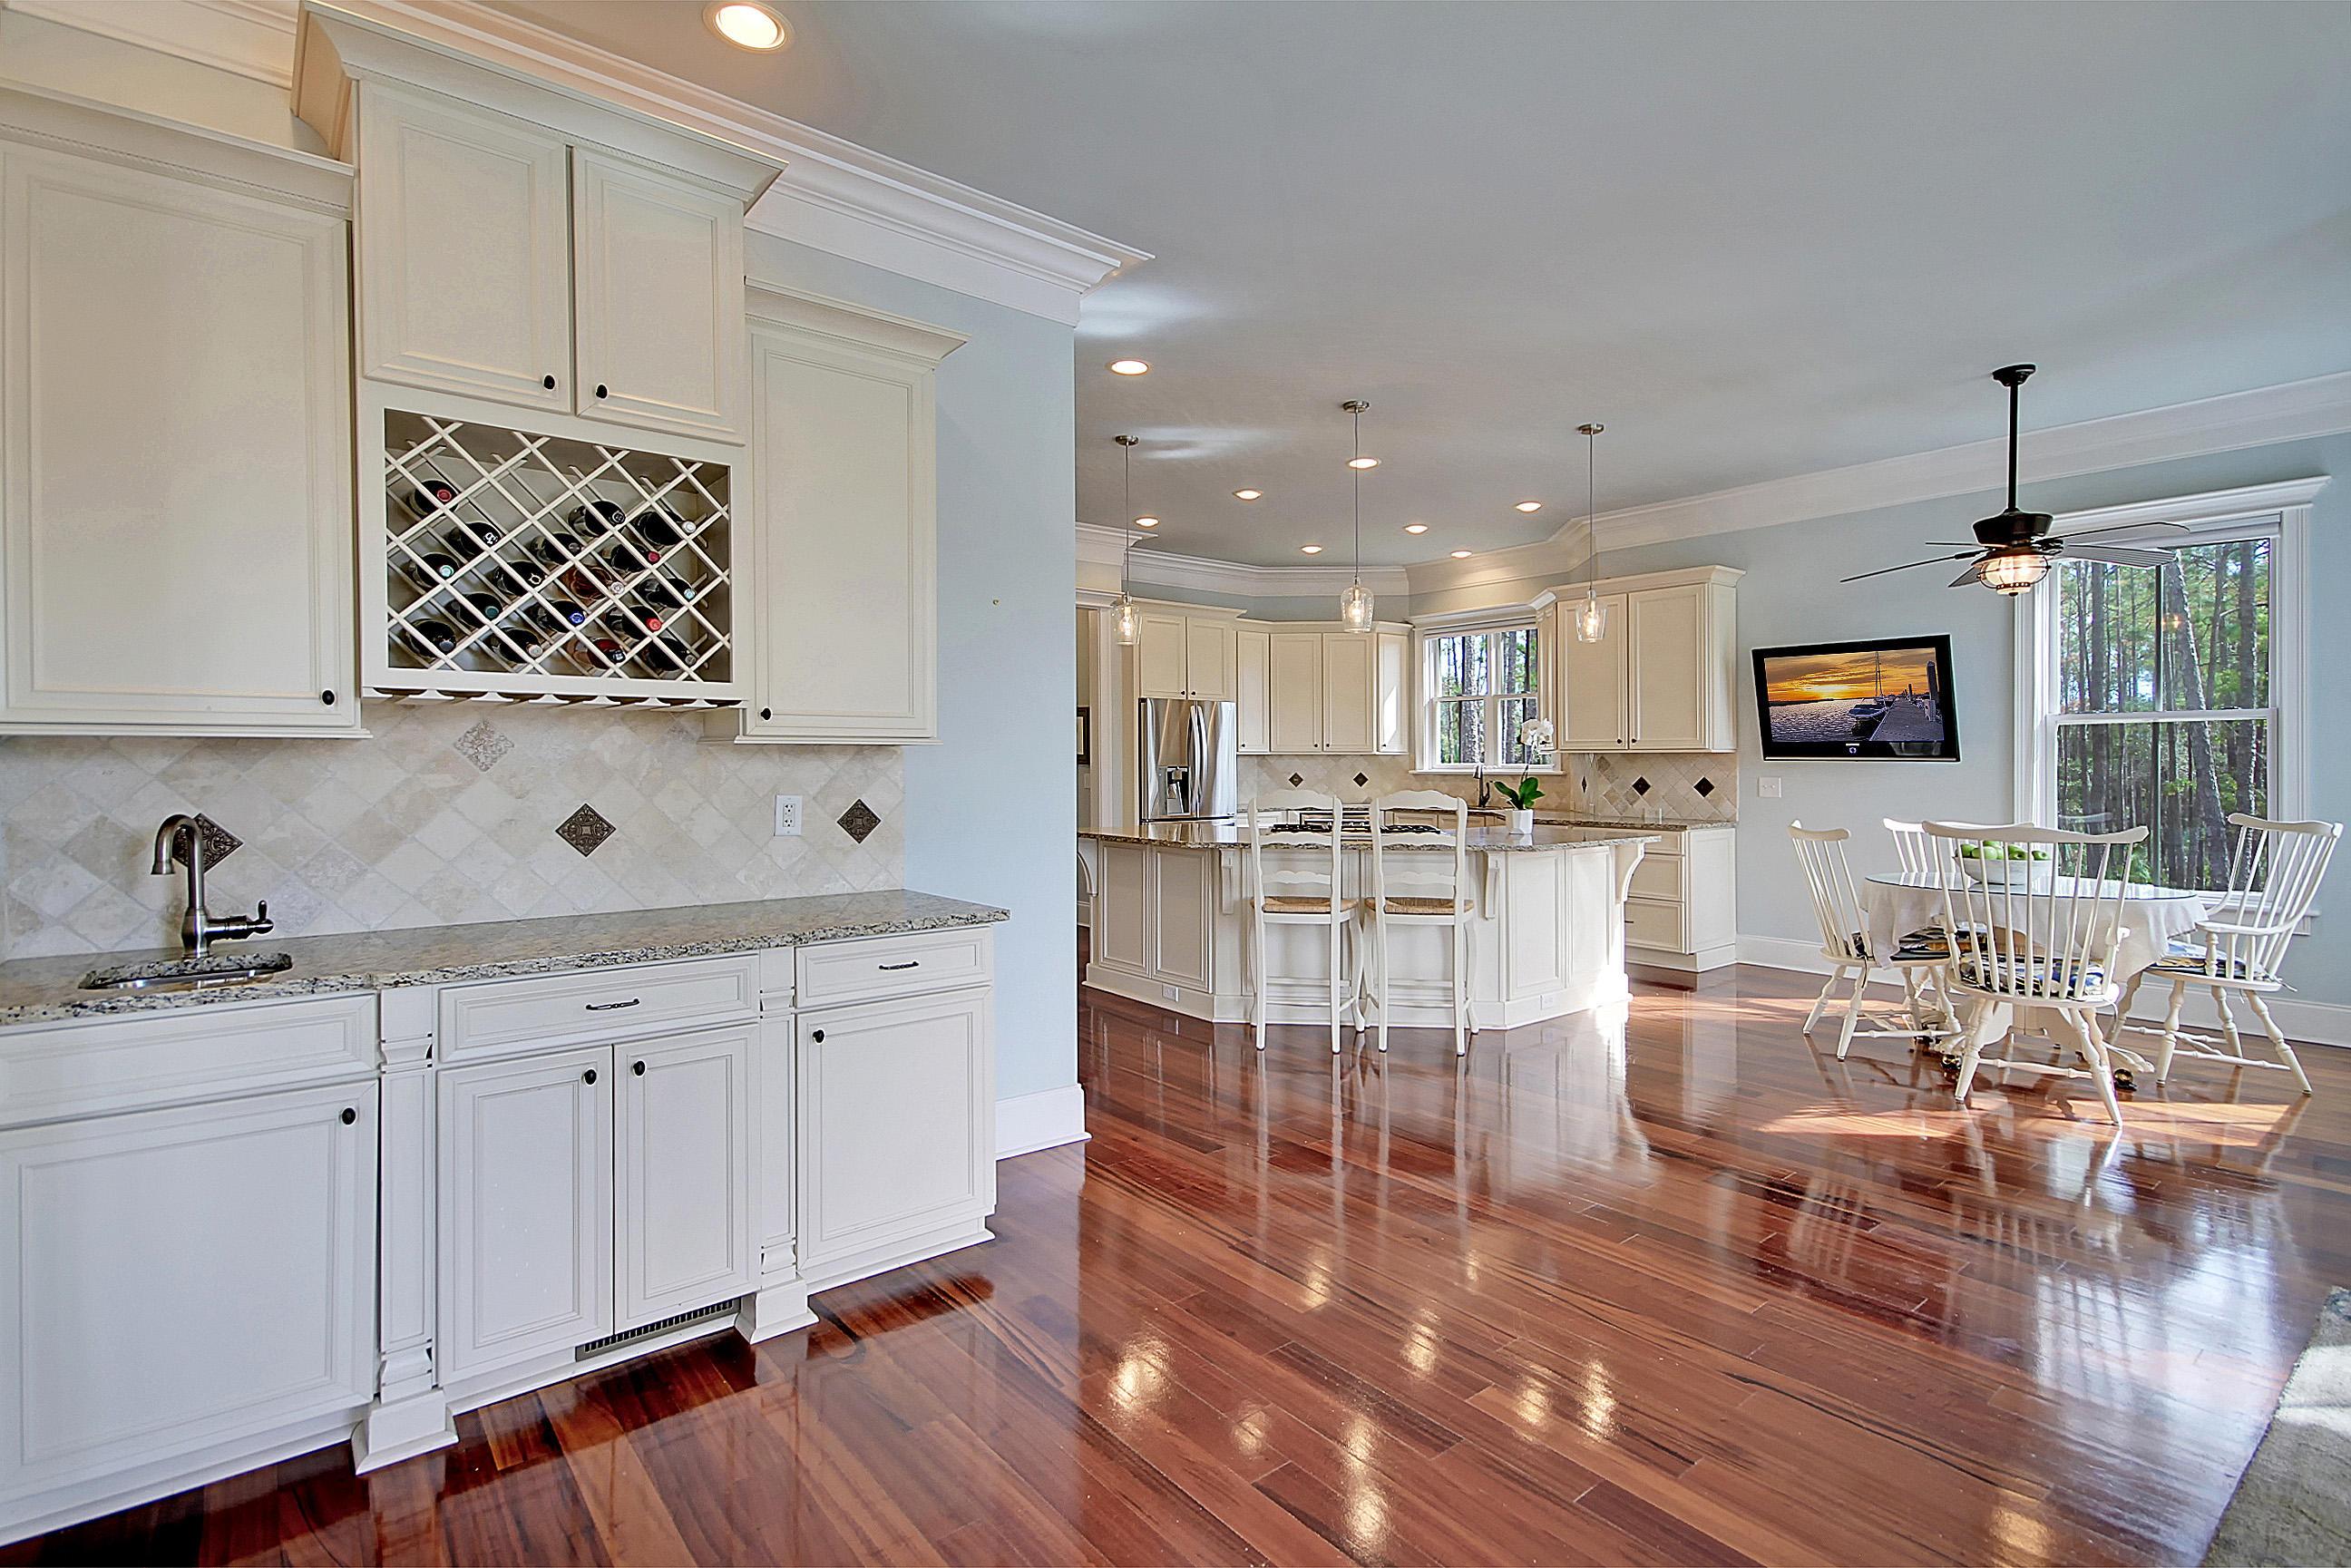 Park West Homes For Sale - 3940 Ashton Shore, Mount Pleasant, SC - 56